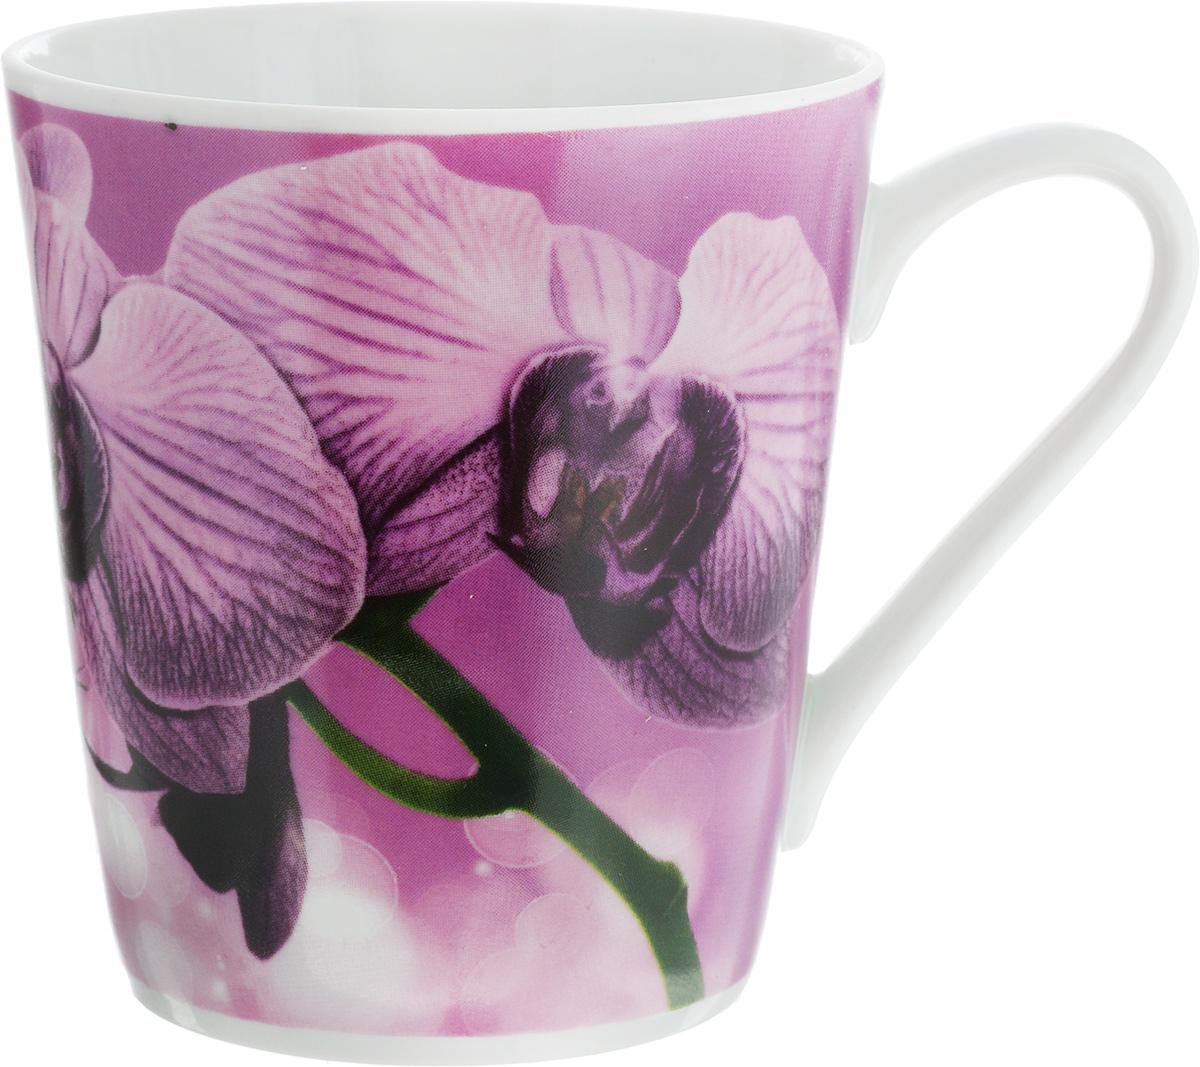 Кружка Классик. Орхидея, цвет: сиреневый, 300 мл115510Кружка Классик. Орхидея изготовлена из высококачественного фарфора. Изделие оформлено красочным рисунком и покрыто превосходной сверкающей глазурью. Изысканная кружка прекрасно оформит стол к чаепитию и станет его неизменным атрибутом.Диаметр кружки (по верхнему краю): 8,5 см.Высота кружки: 9,5 см.